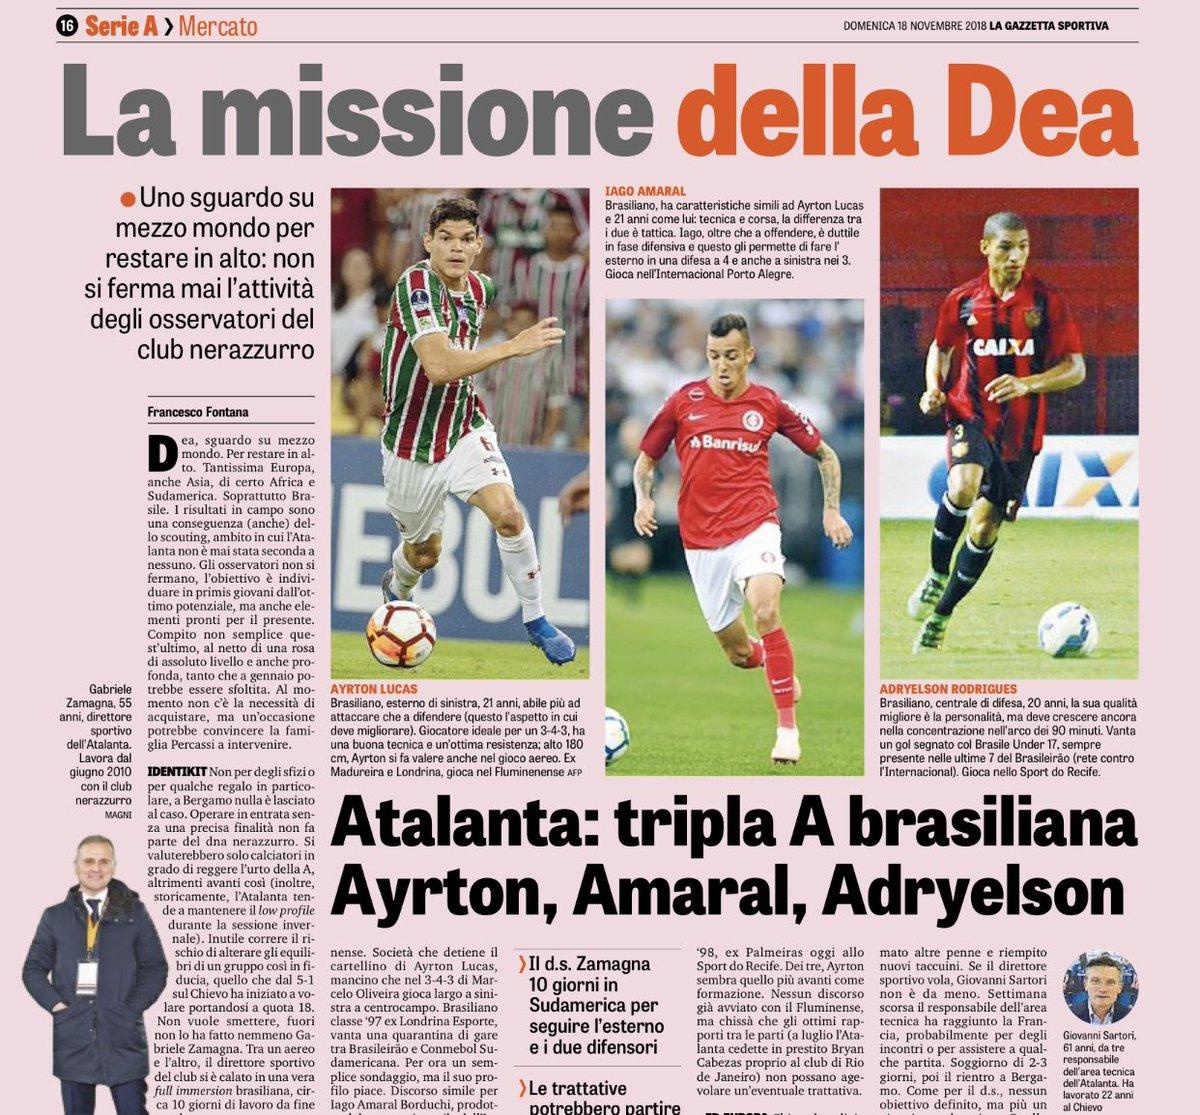 Outra da Gazzetta, de página inteira, envolvendo três brasileiros que interessam à Atalanta: Ayrton Lucas (Flu), Iago (Inter) e Adryelson (Sport). Dirigente do clube visitou o Brasil em outubro e interessou-se pelos jogadores.